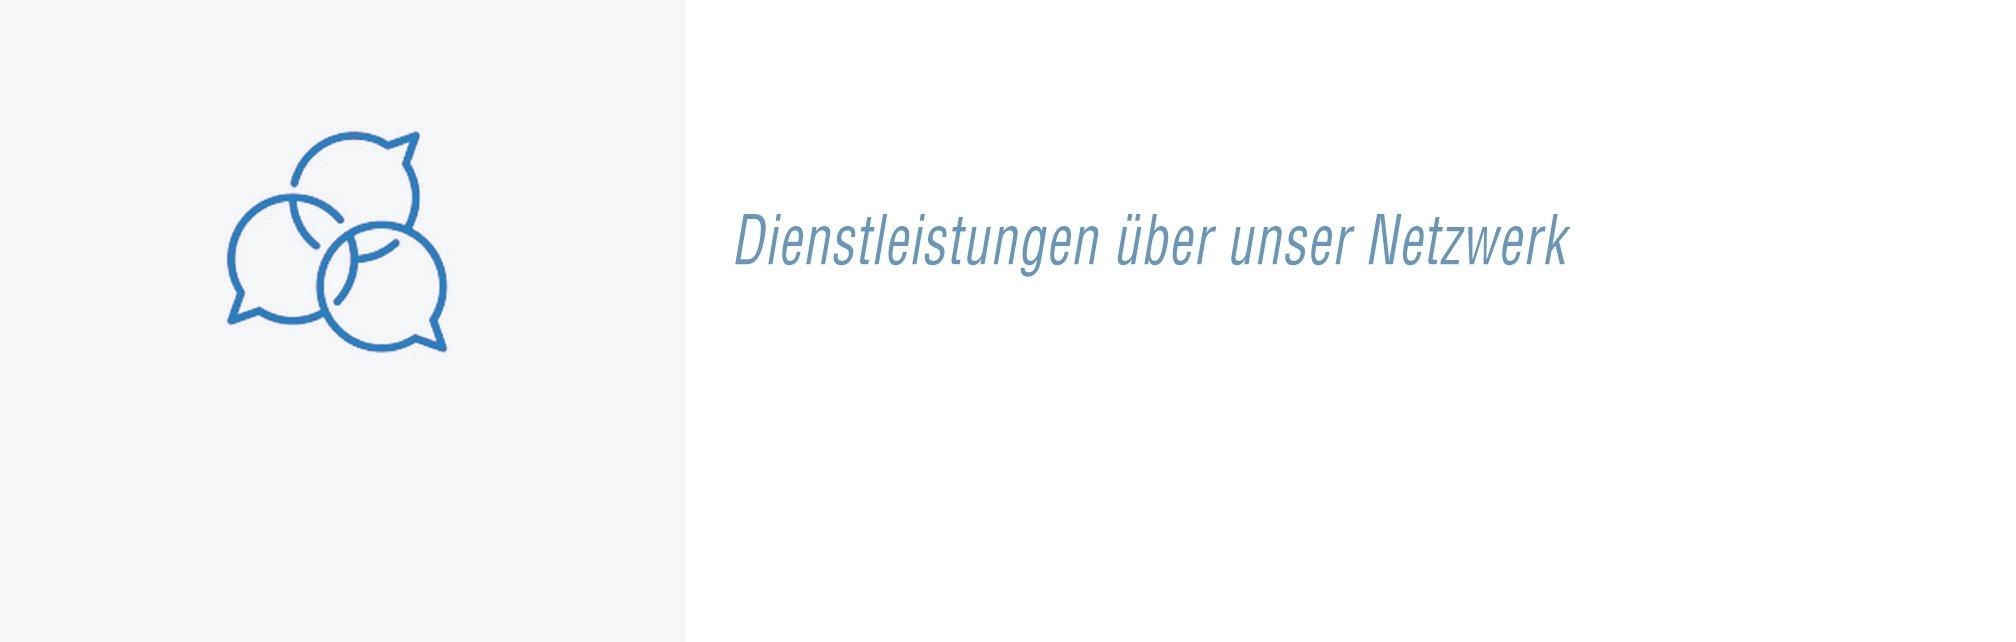 Netzwerk genossenschaft berlin